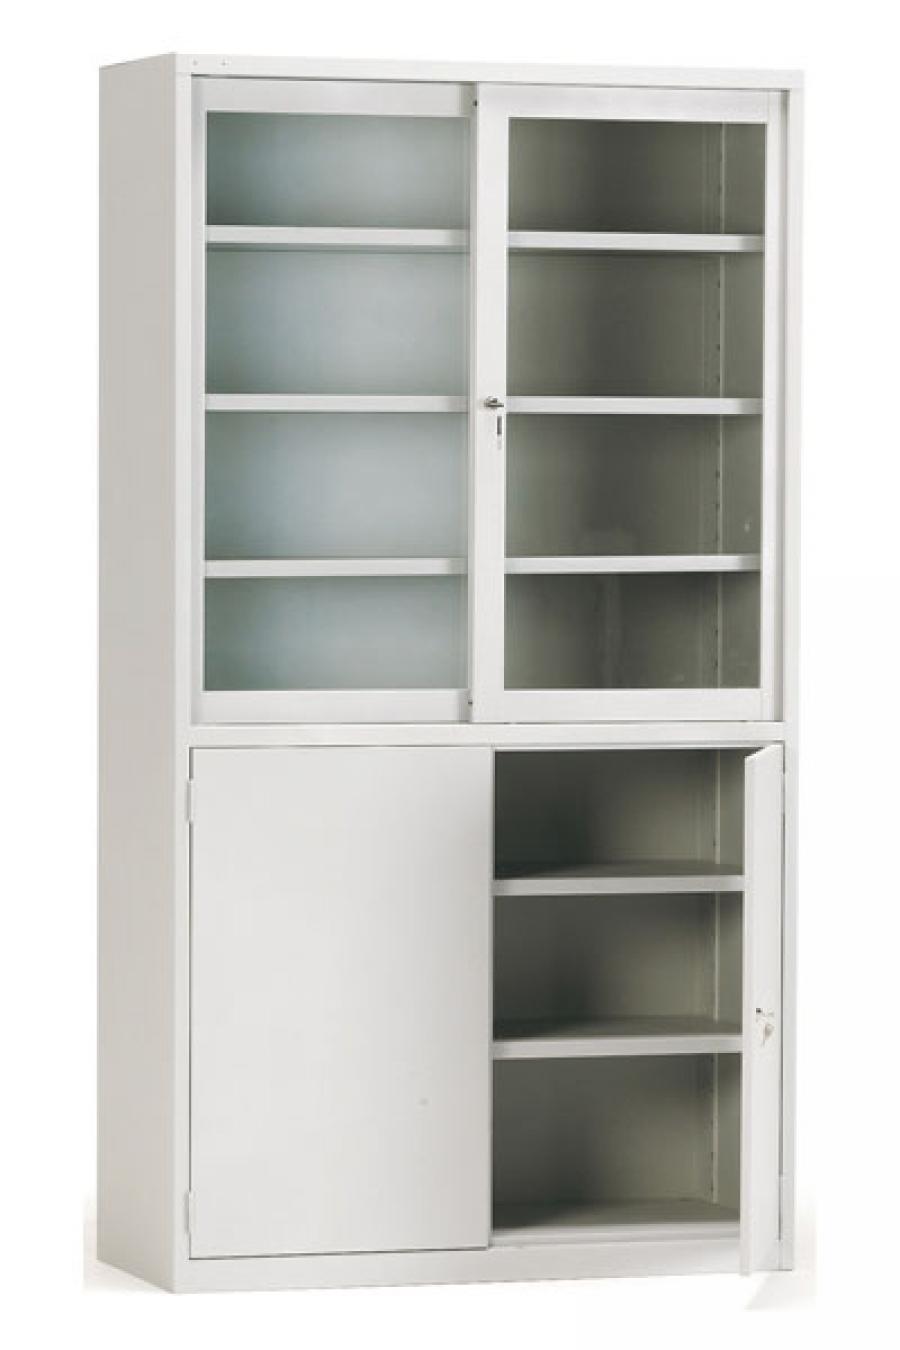 Armarios con puertas de cristal - Puertas correderas de cristal para armarios ...